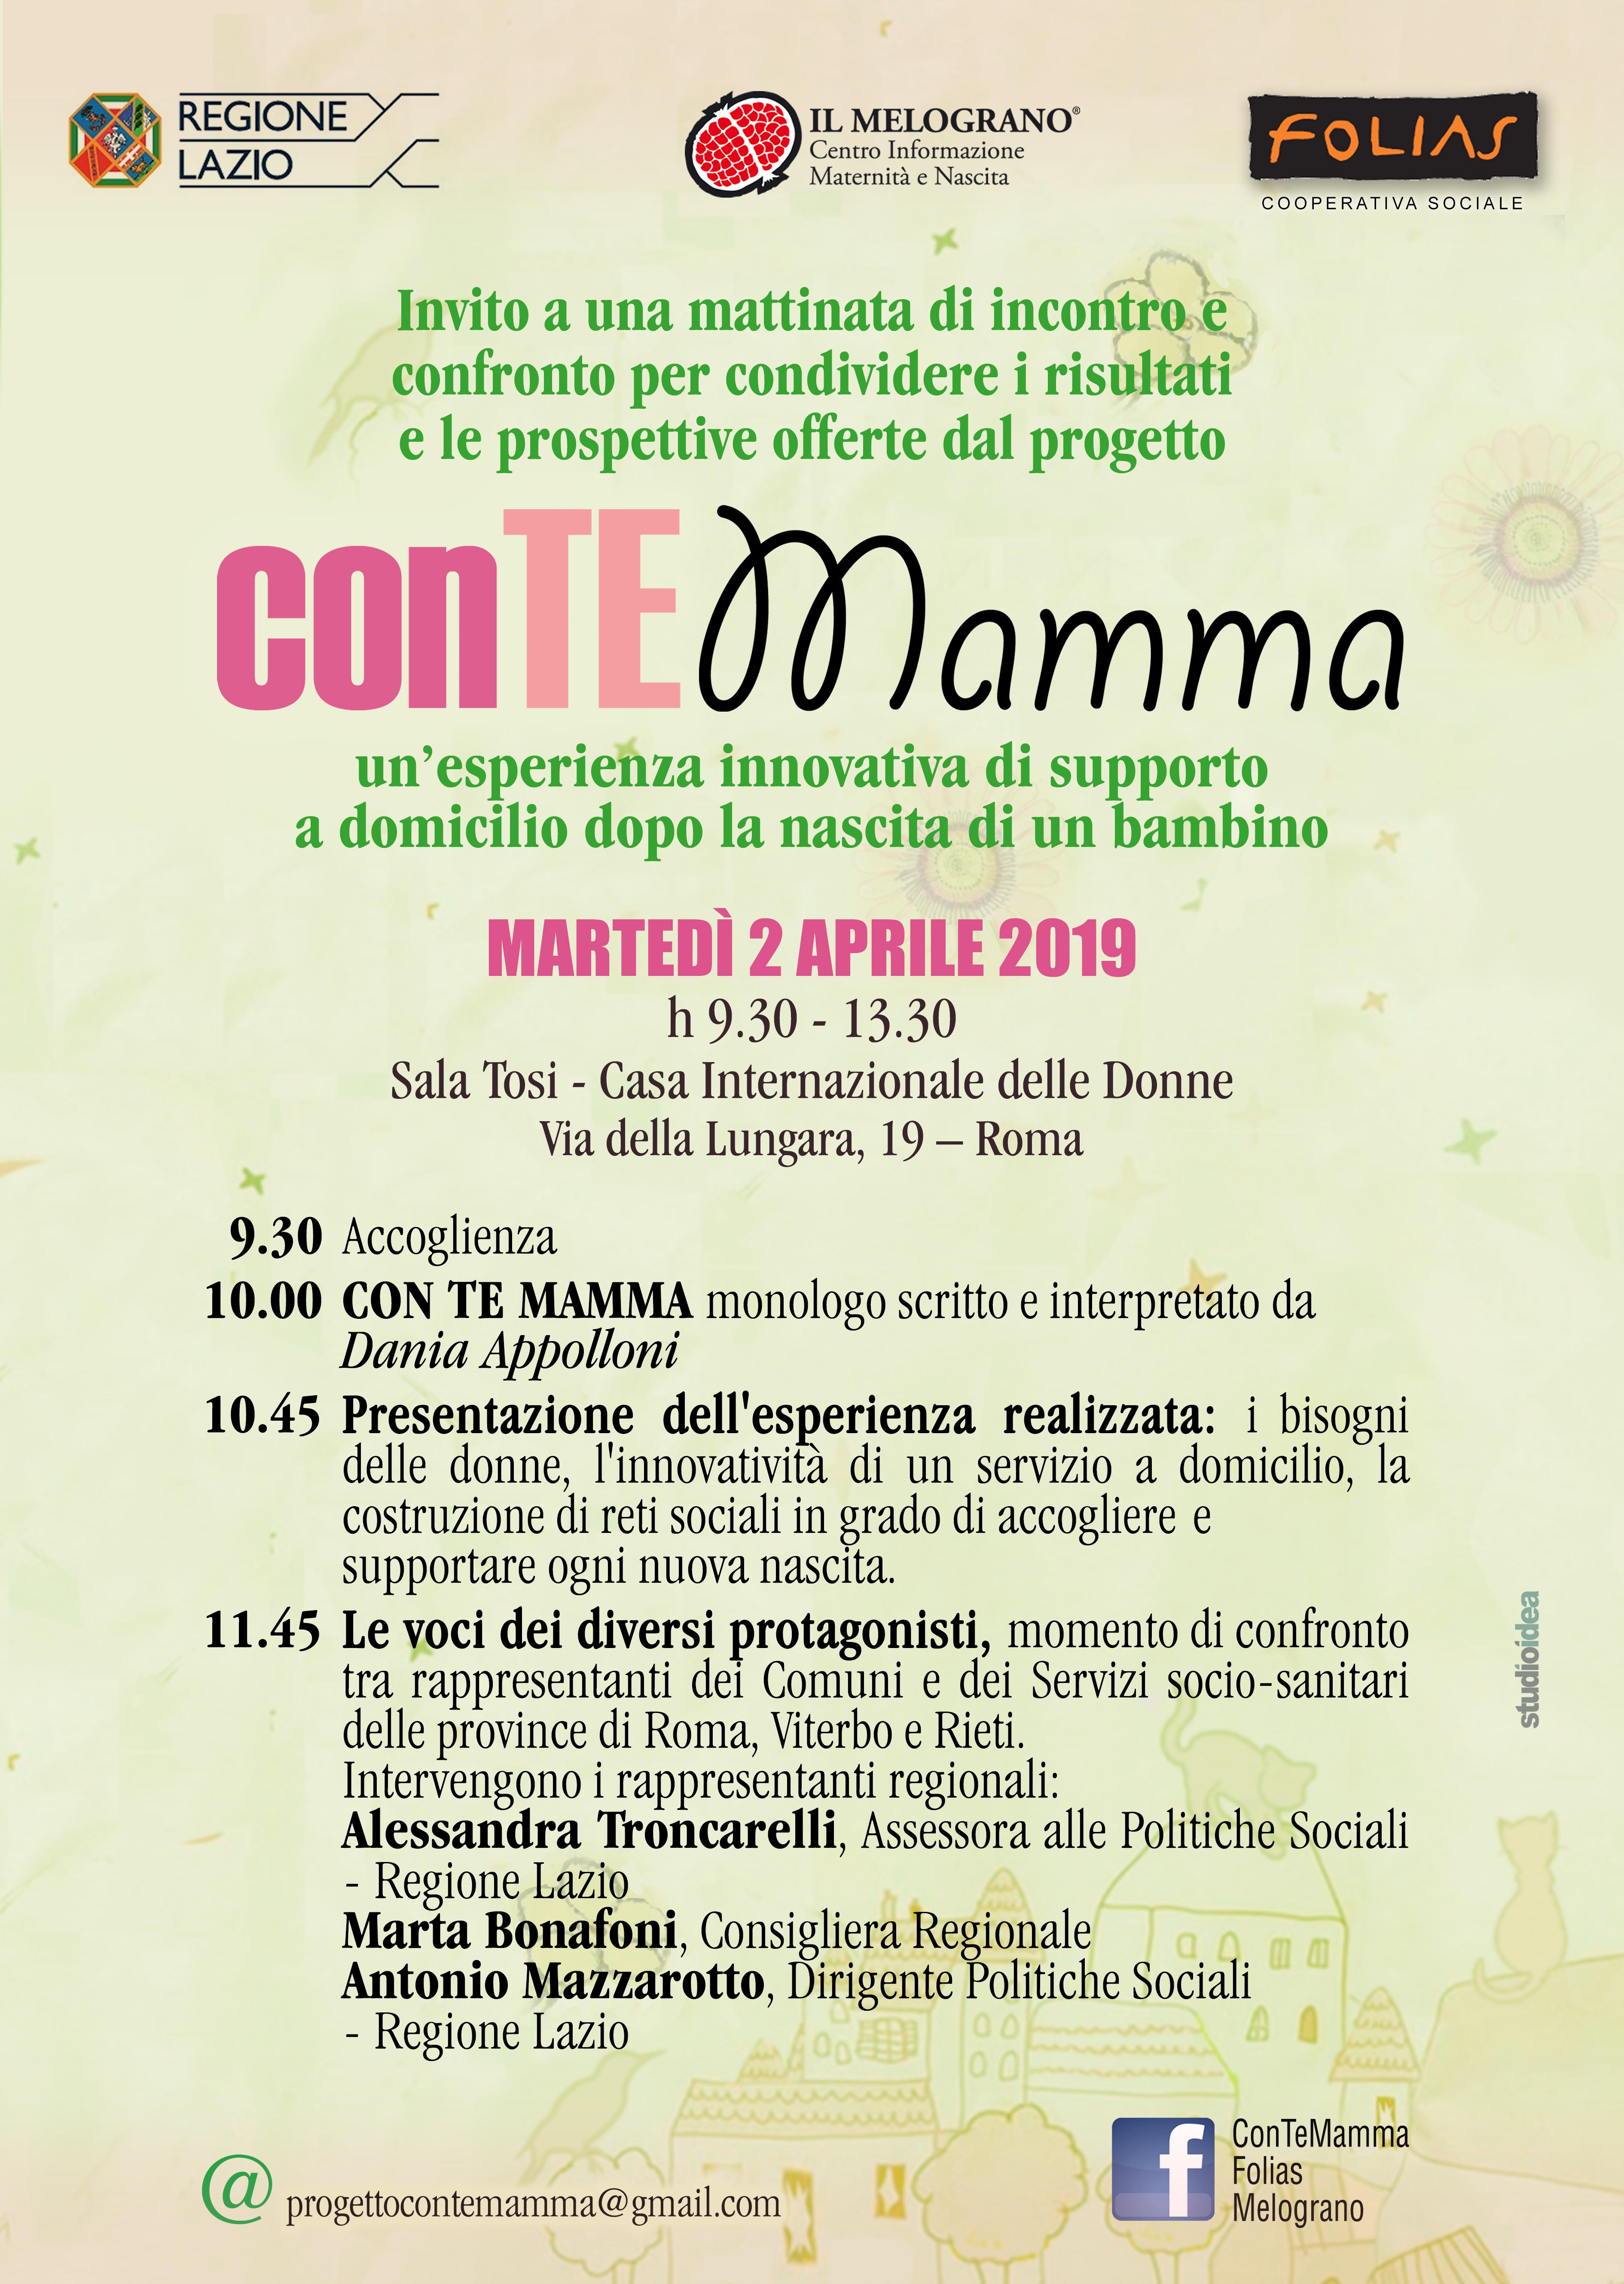 con-te-mamma-04-2019-programma-loc